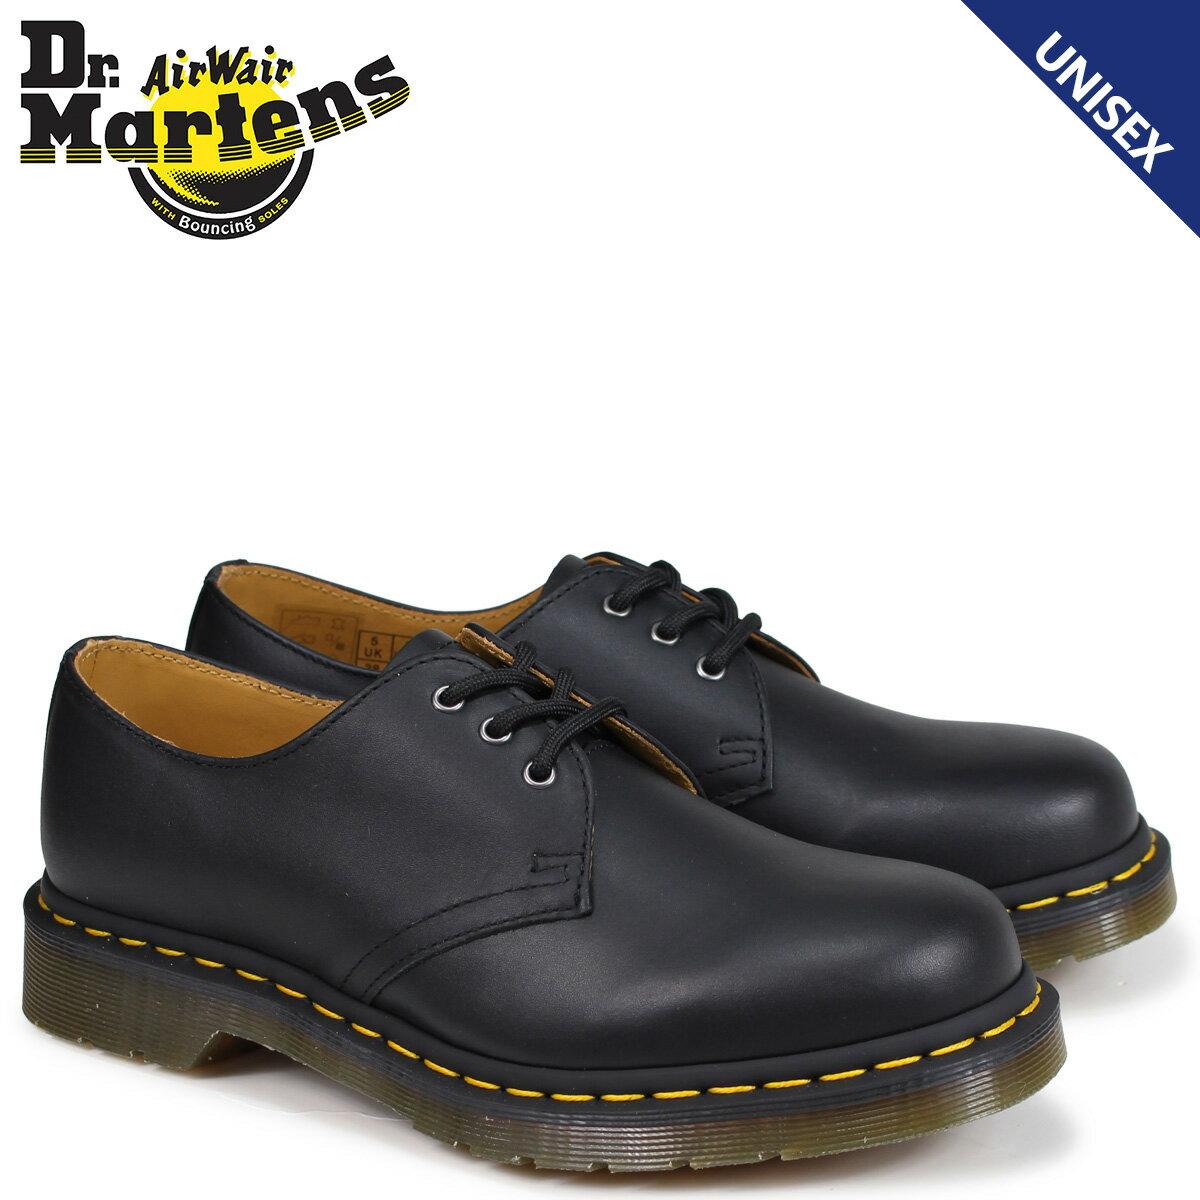 ブーツ, その他 Dr.Martens 1461 3 3EYE GIBSON SHOES R11838001